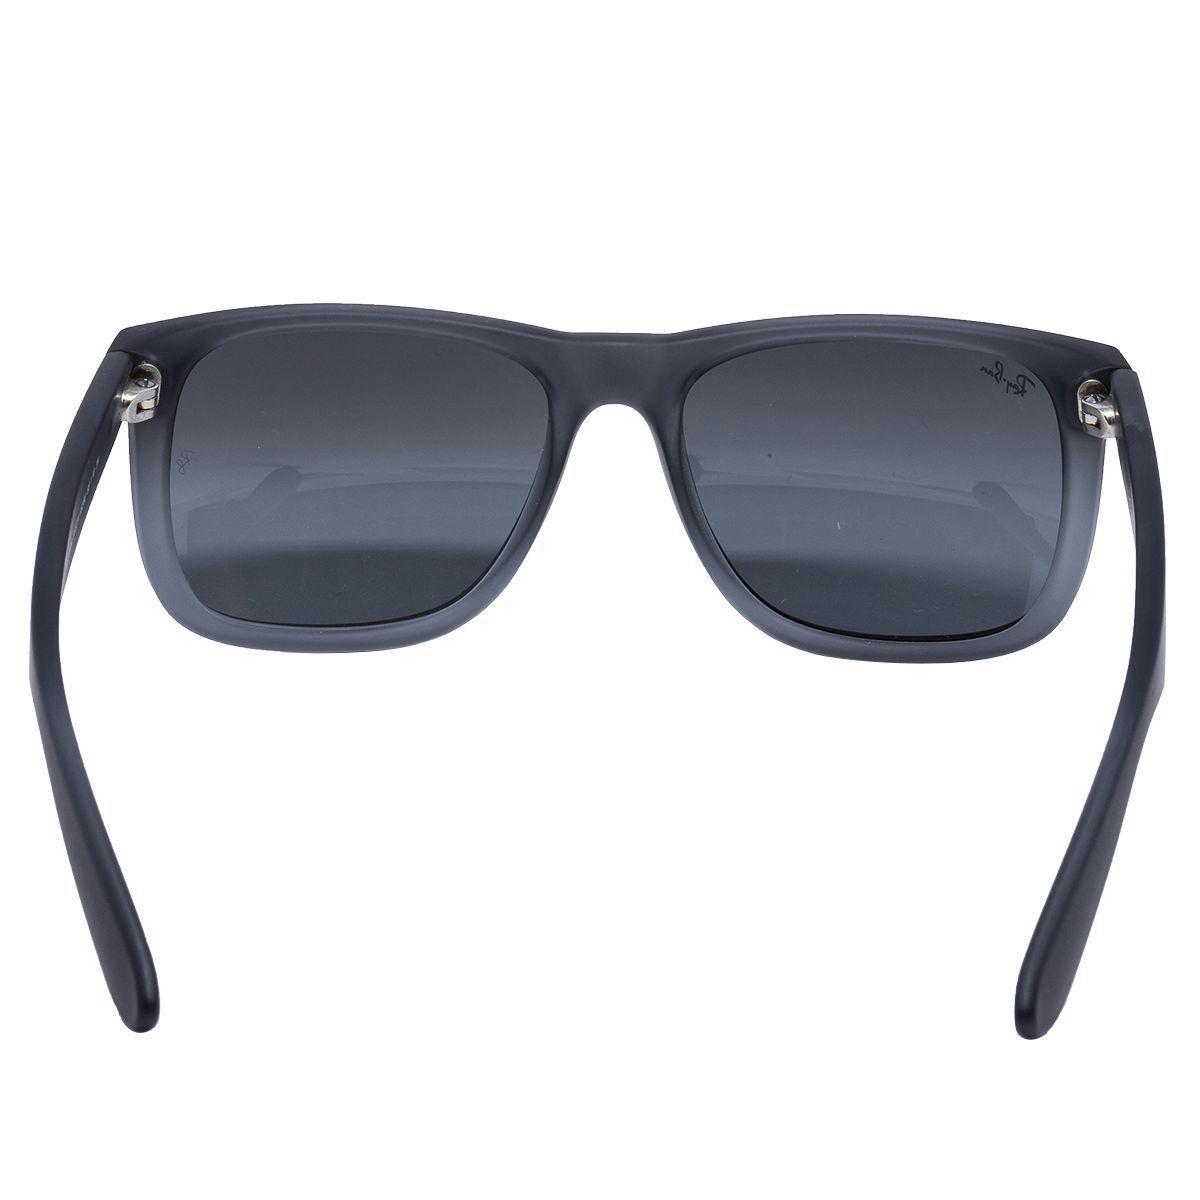 Óculos de Sol Ray Ban Justin RB4165L 852 88 - Acetato Preto Fosco, Lente  Cinza R  531,00 à vista. Adicionar à sacola 248d0f796e